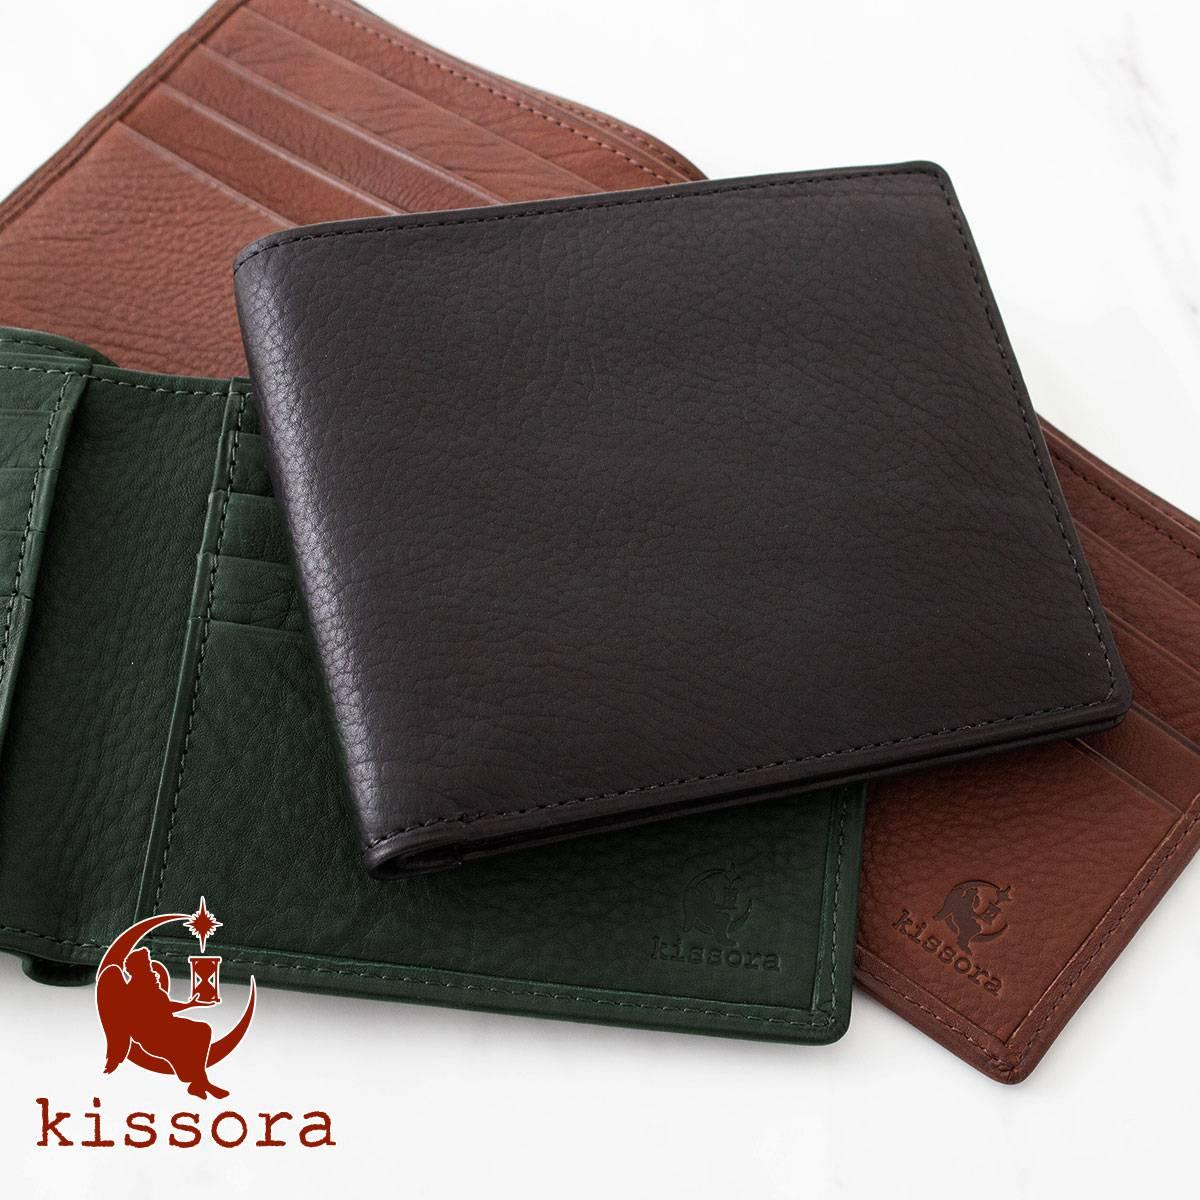 fb4312d6e4d4 送料無料 二つ折り財布 本革 kissora キソラ KIPT-068 メンズカーフ 財布 レザー